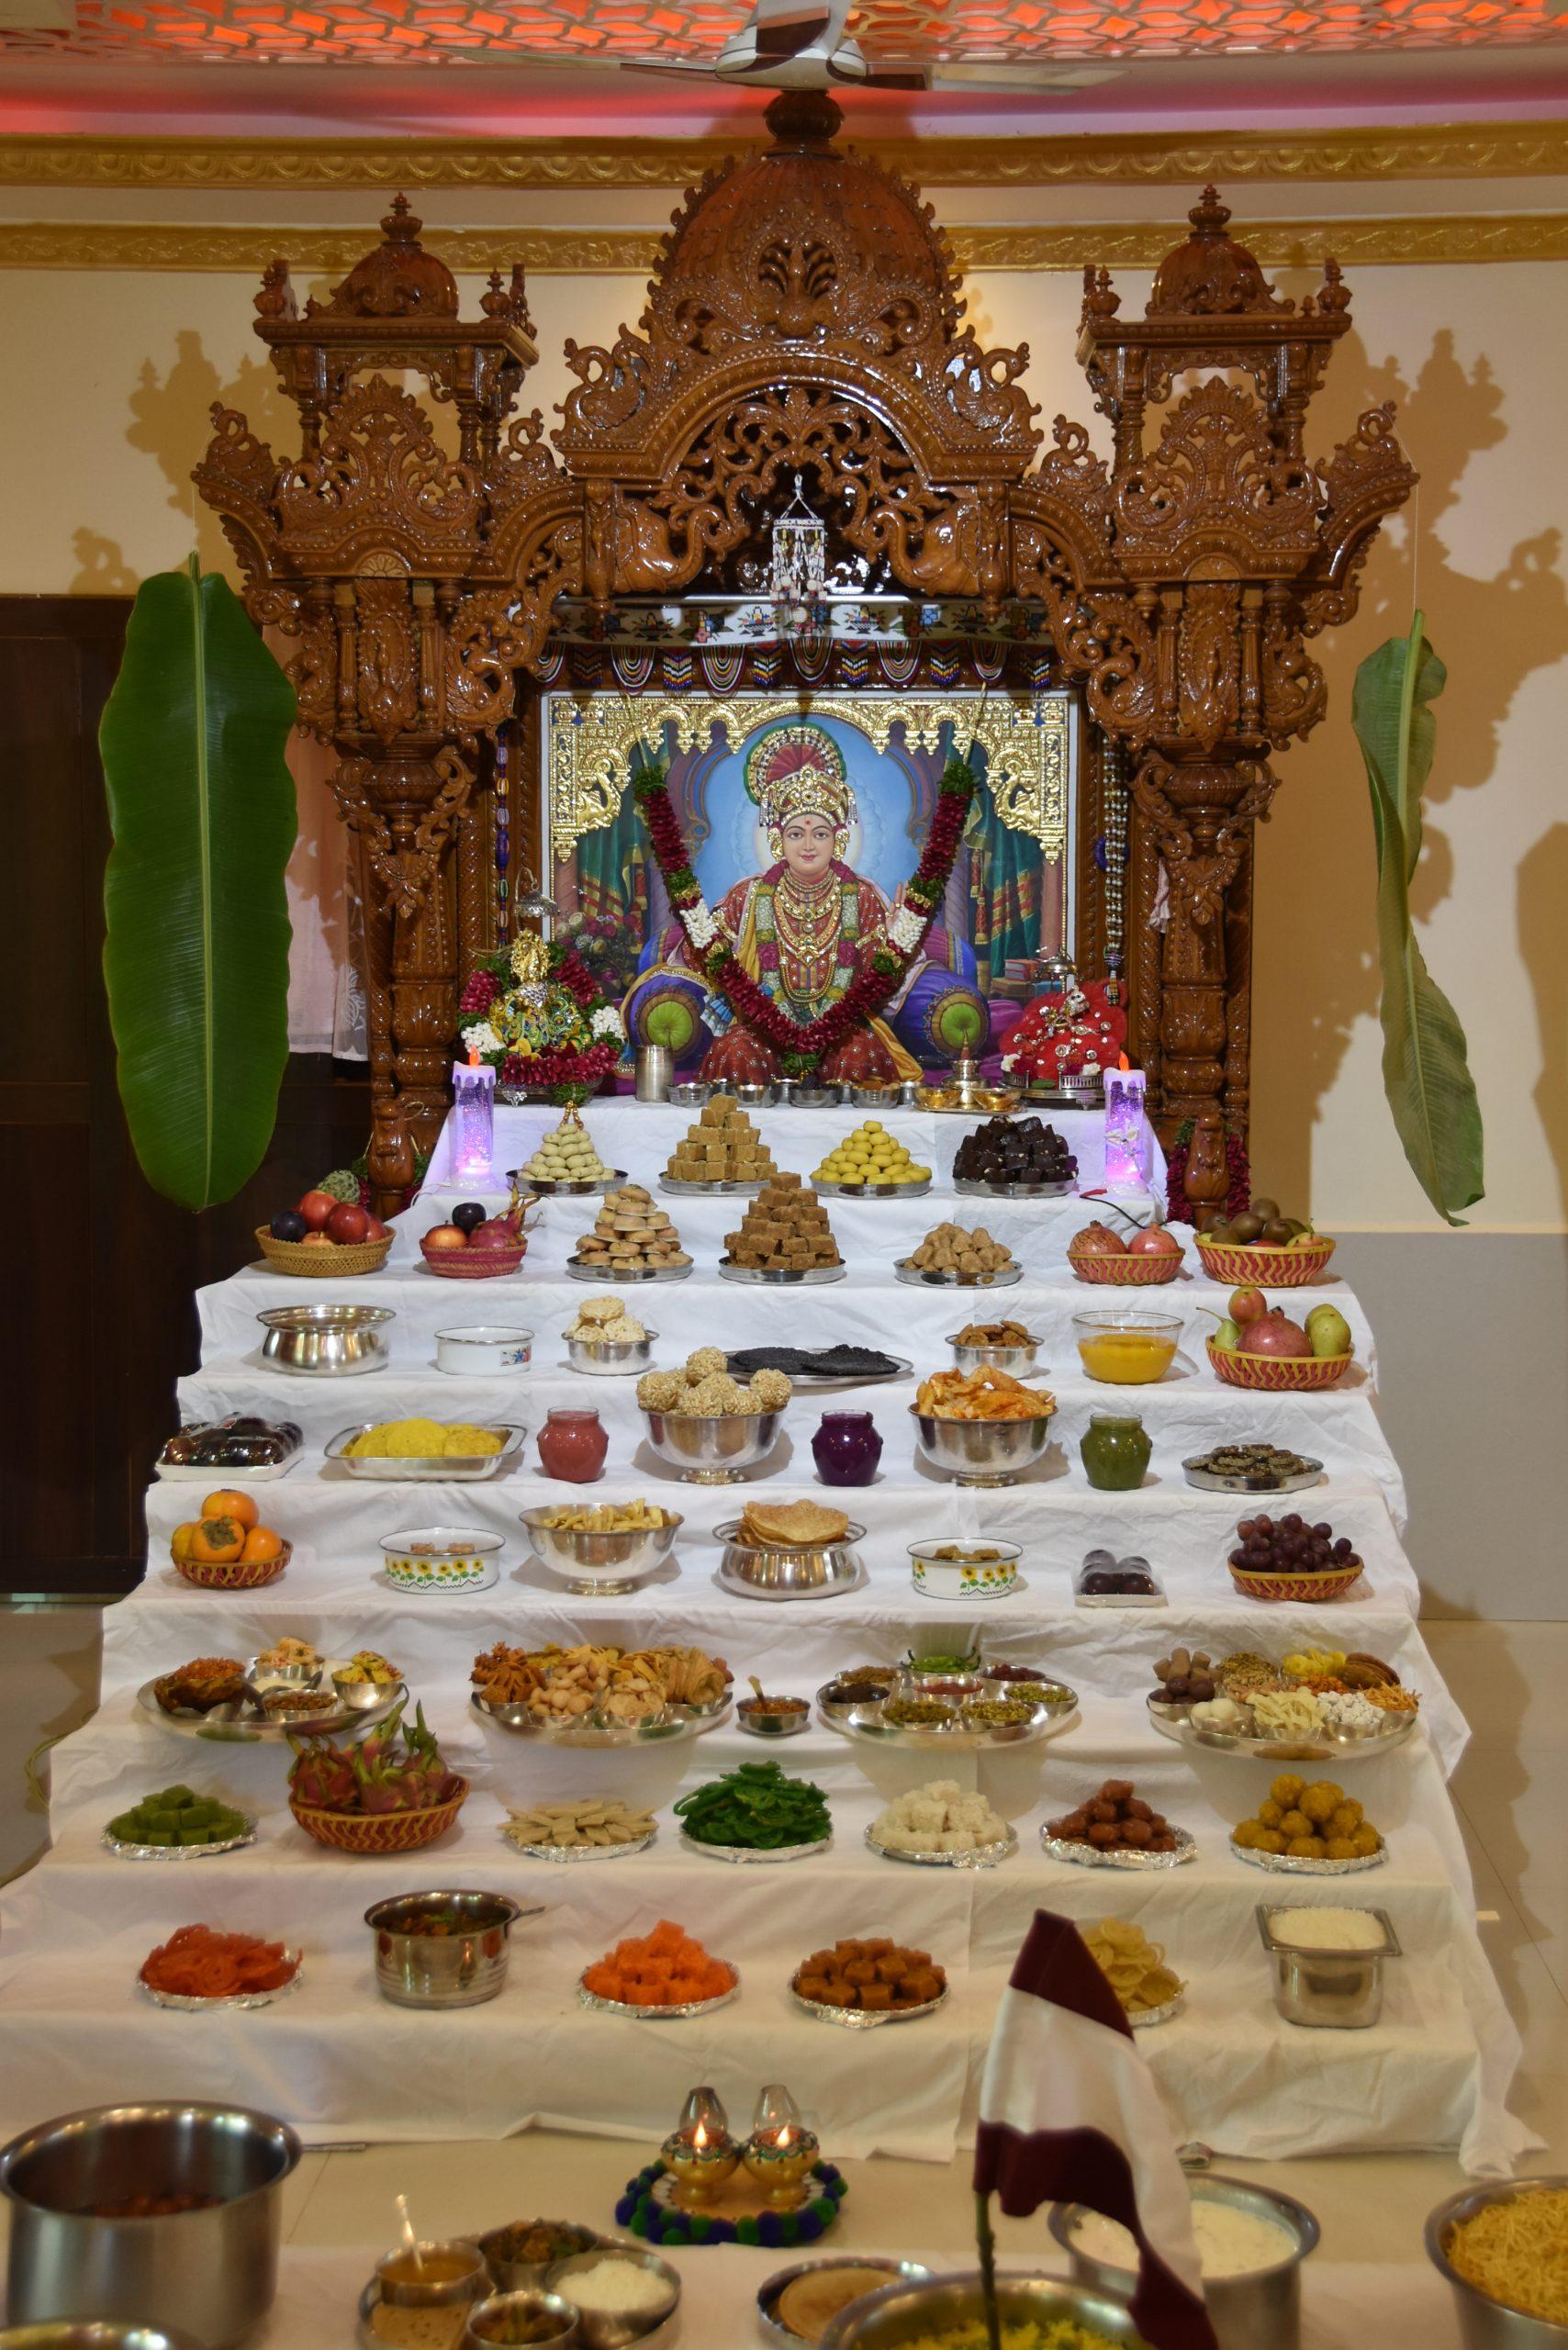 SHREE NEELAKANTH VIDYAPEETH Festival Pooja